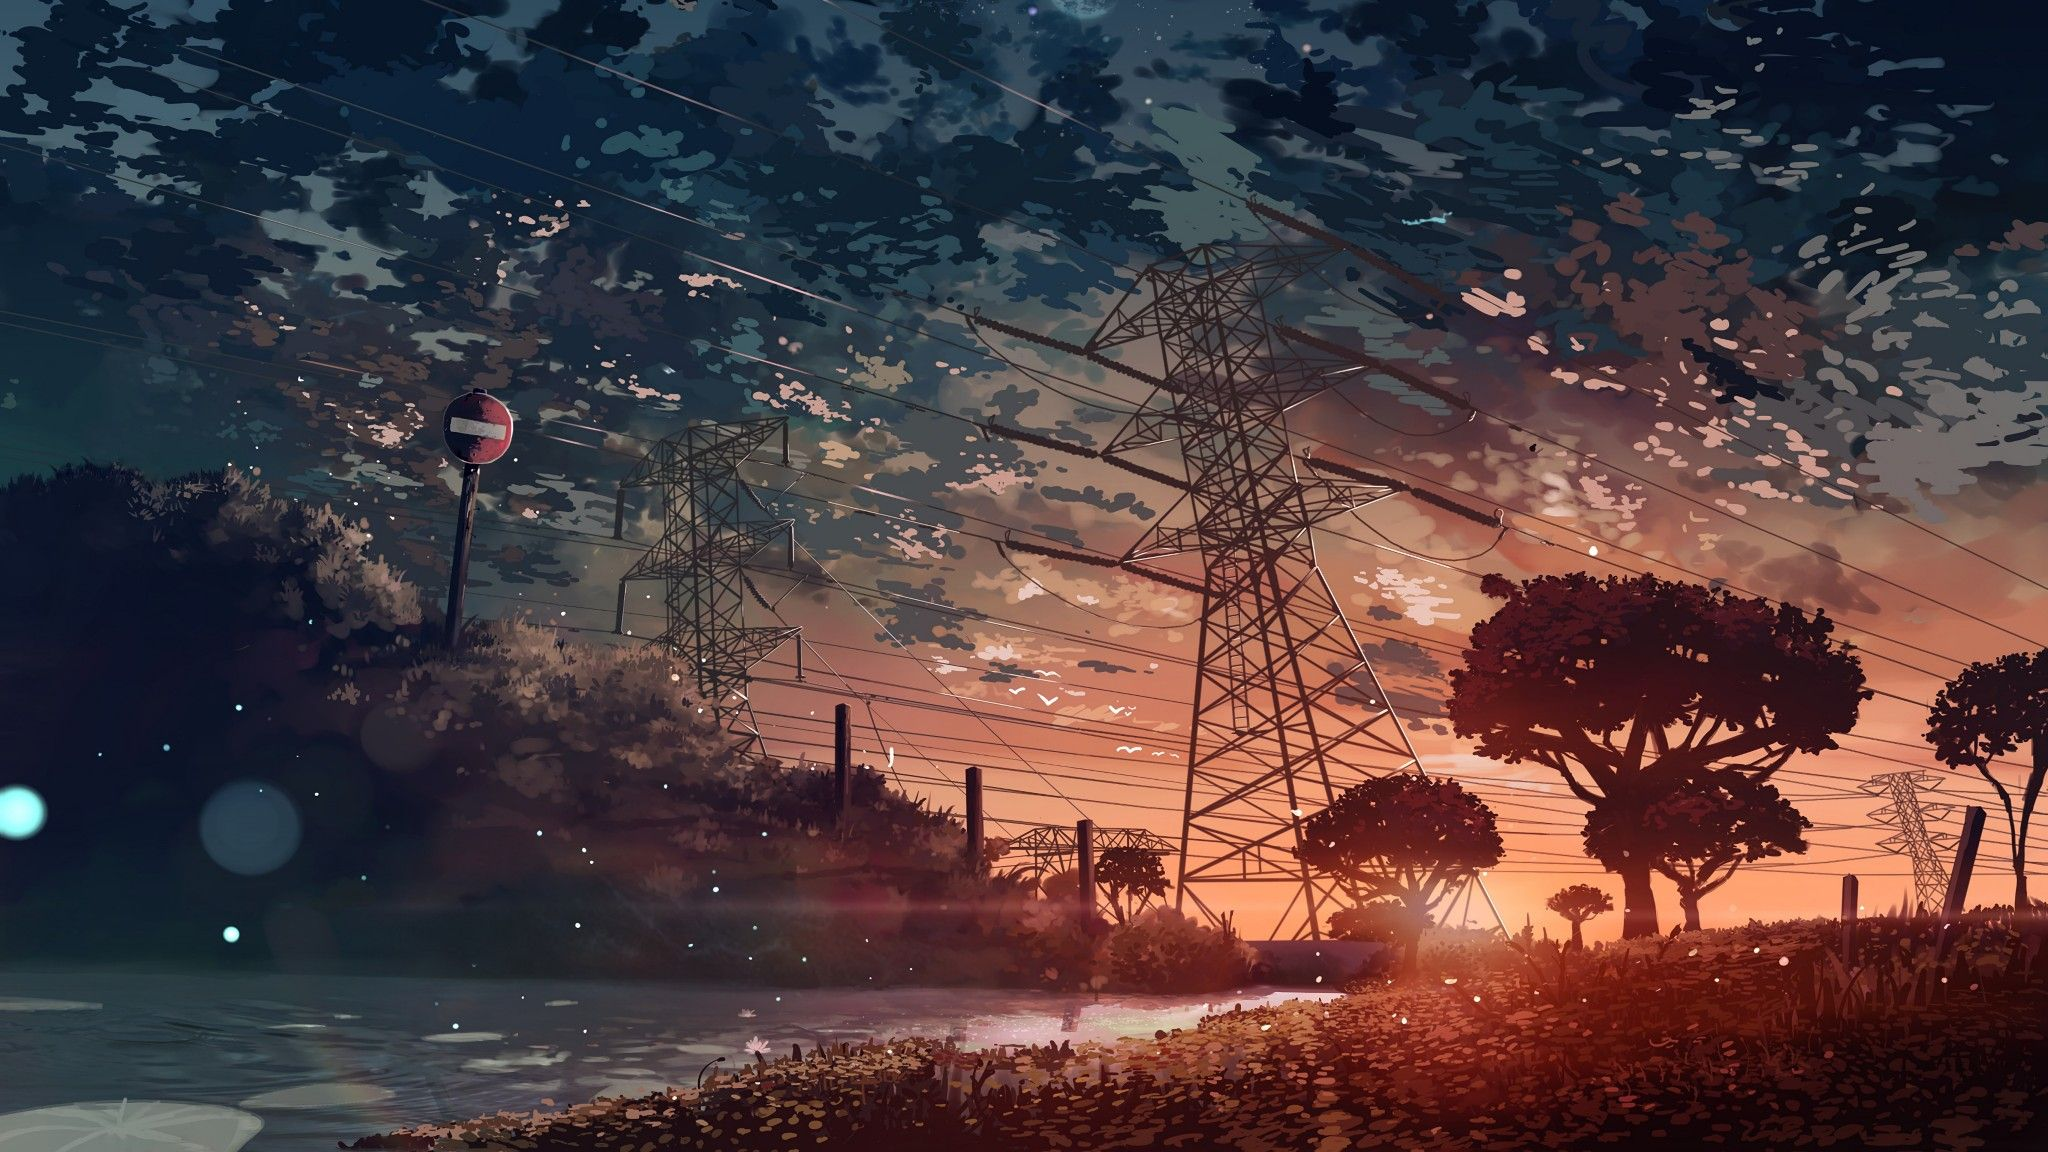 Anime Scenery Sunset 4k Fondos De Pantalla Paisajes Paisaje De Fantasia Ilustracion De Paisaje